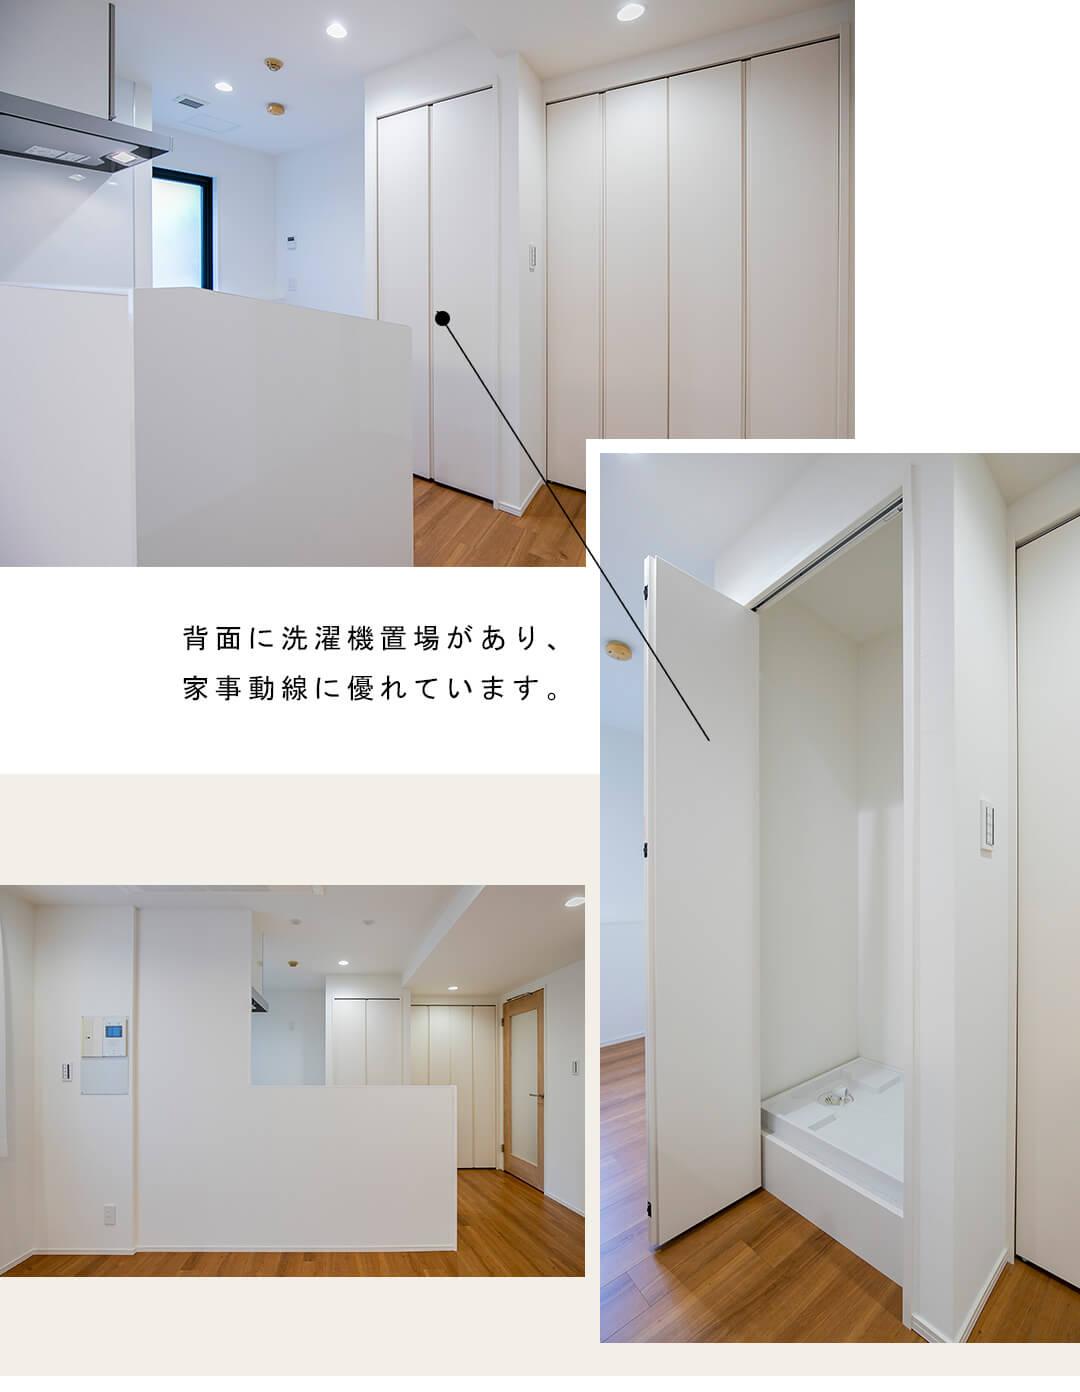 コスモセシオン目黒のキッチンと洗濯機置き場